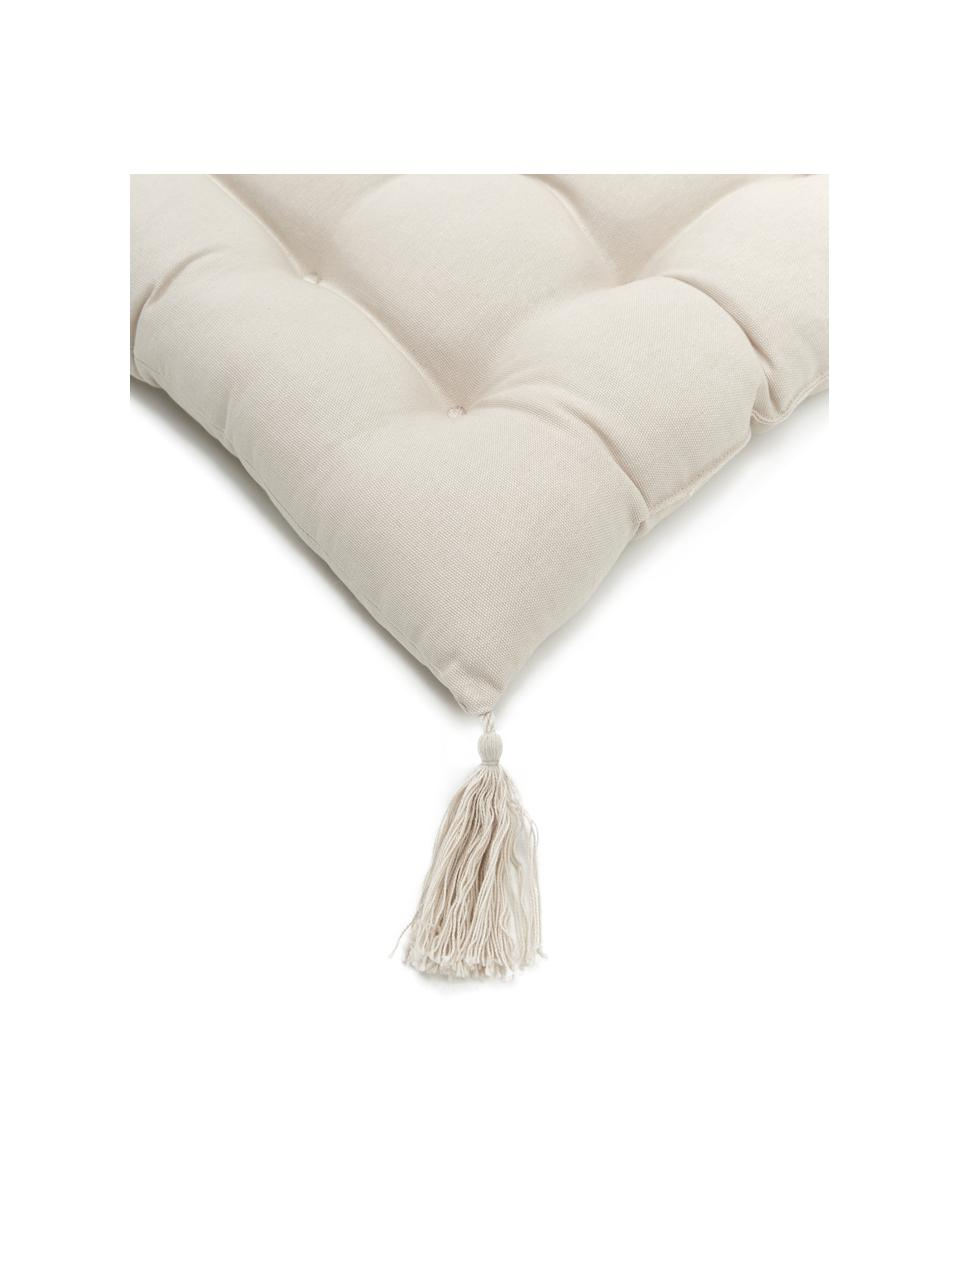 Cuscino sedia beige con nappe Ava, Rivestimento: 100% cotone, Beige, Larg. 40 x Lung. 40 cm